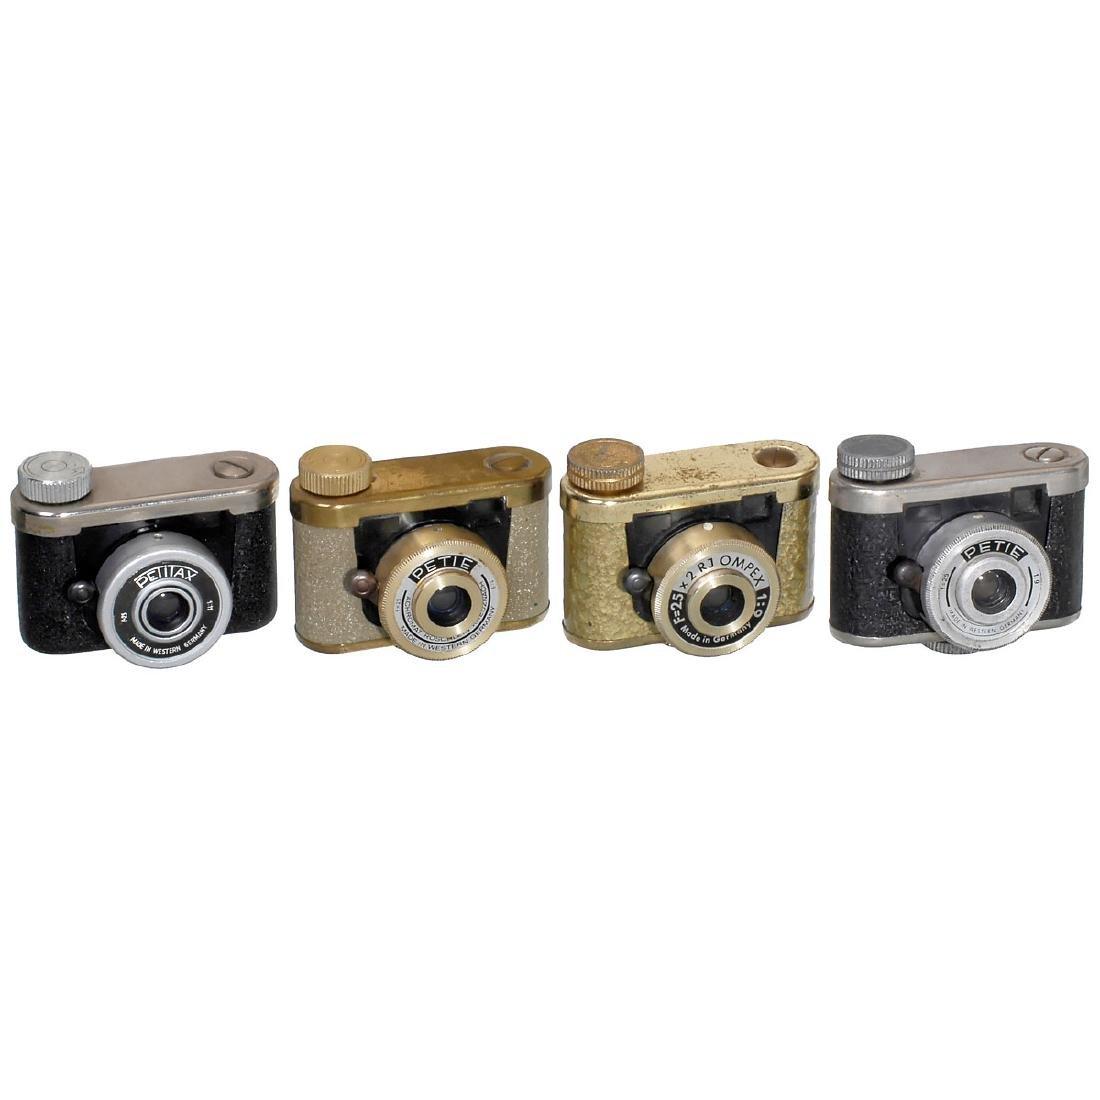 """4 """"Petie"""" Cameras by Kunik, 1955-60"""